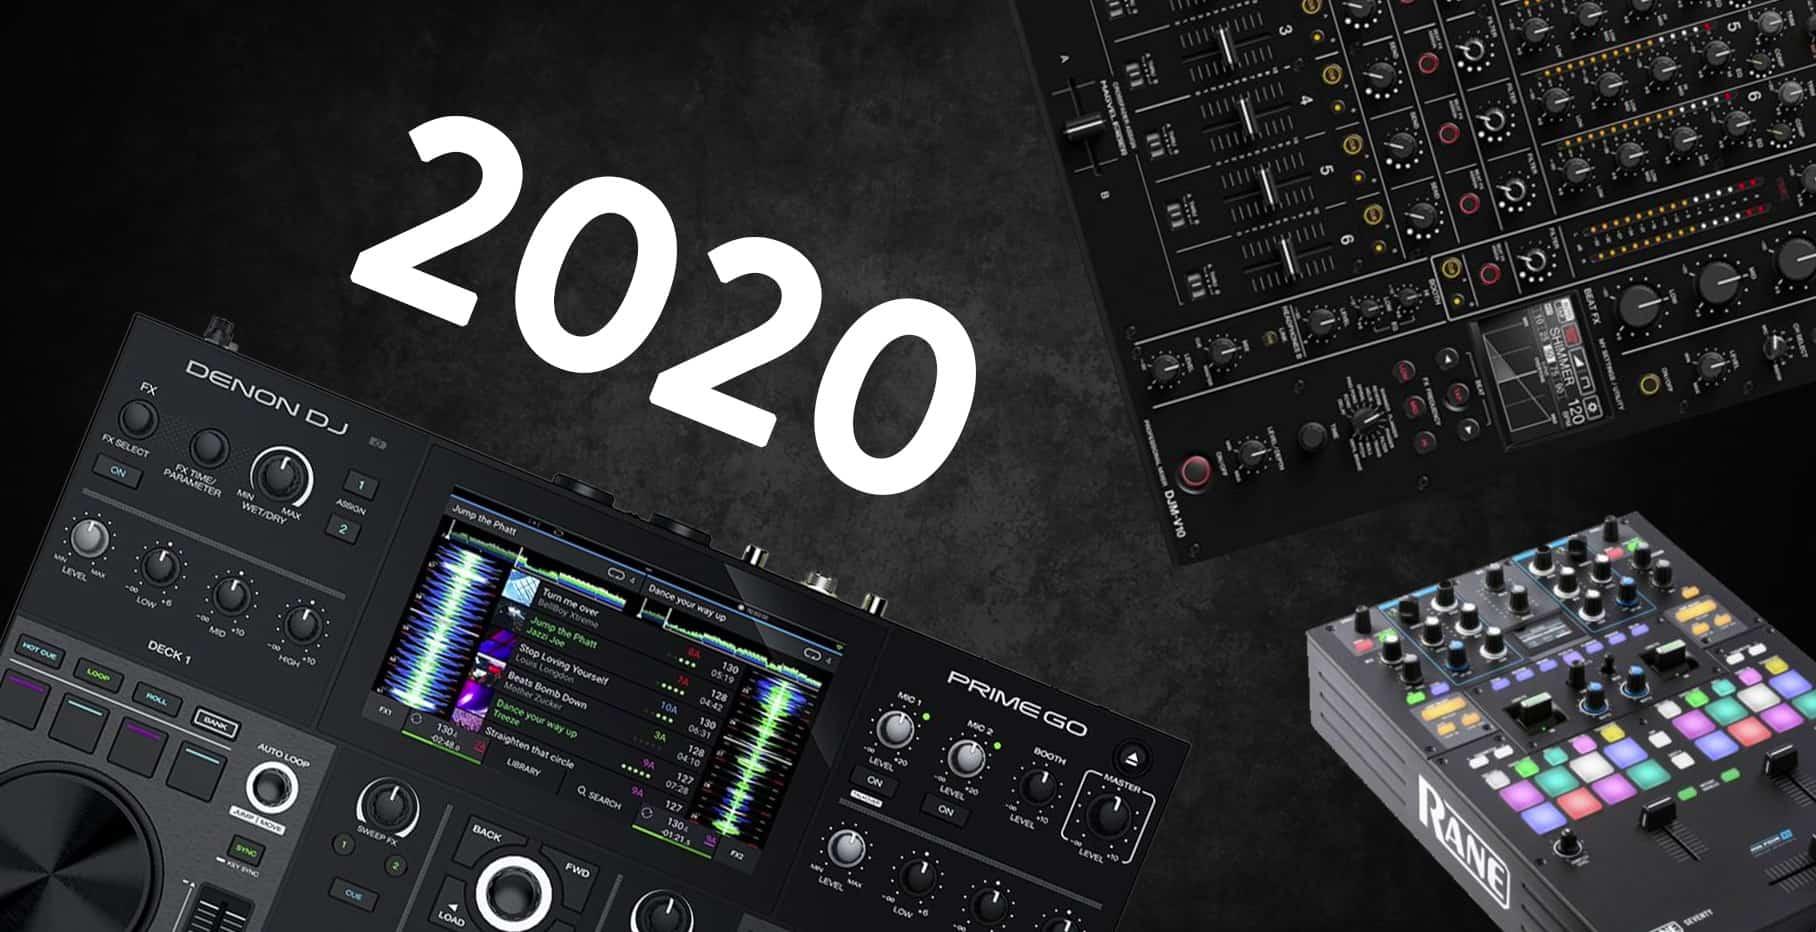 Resumen del equipo: Nuestras mejores opciones para 2020 6